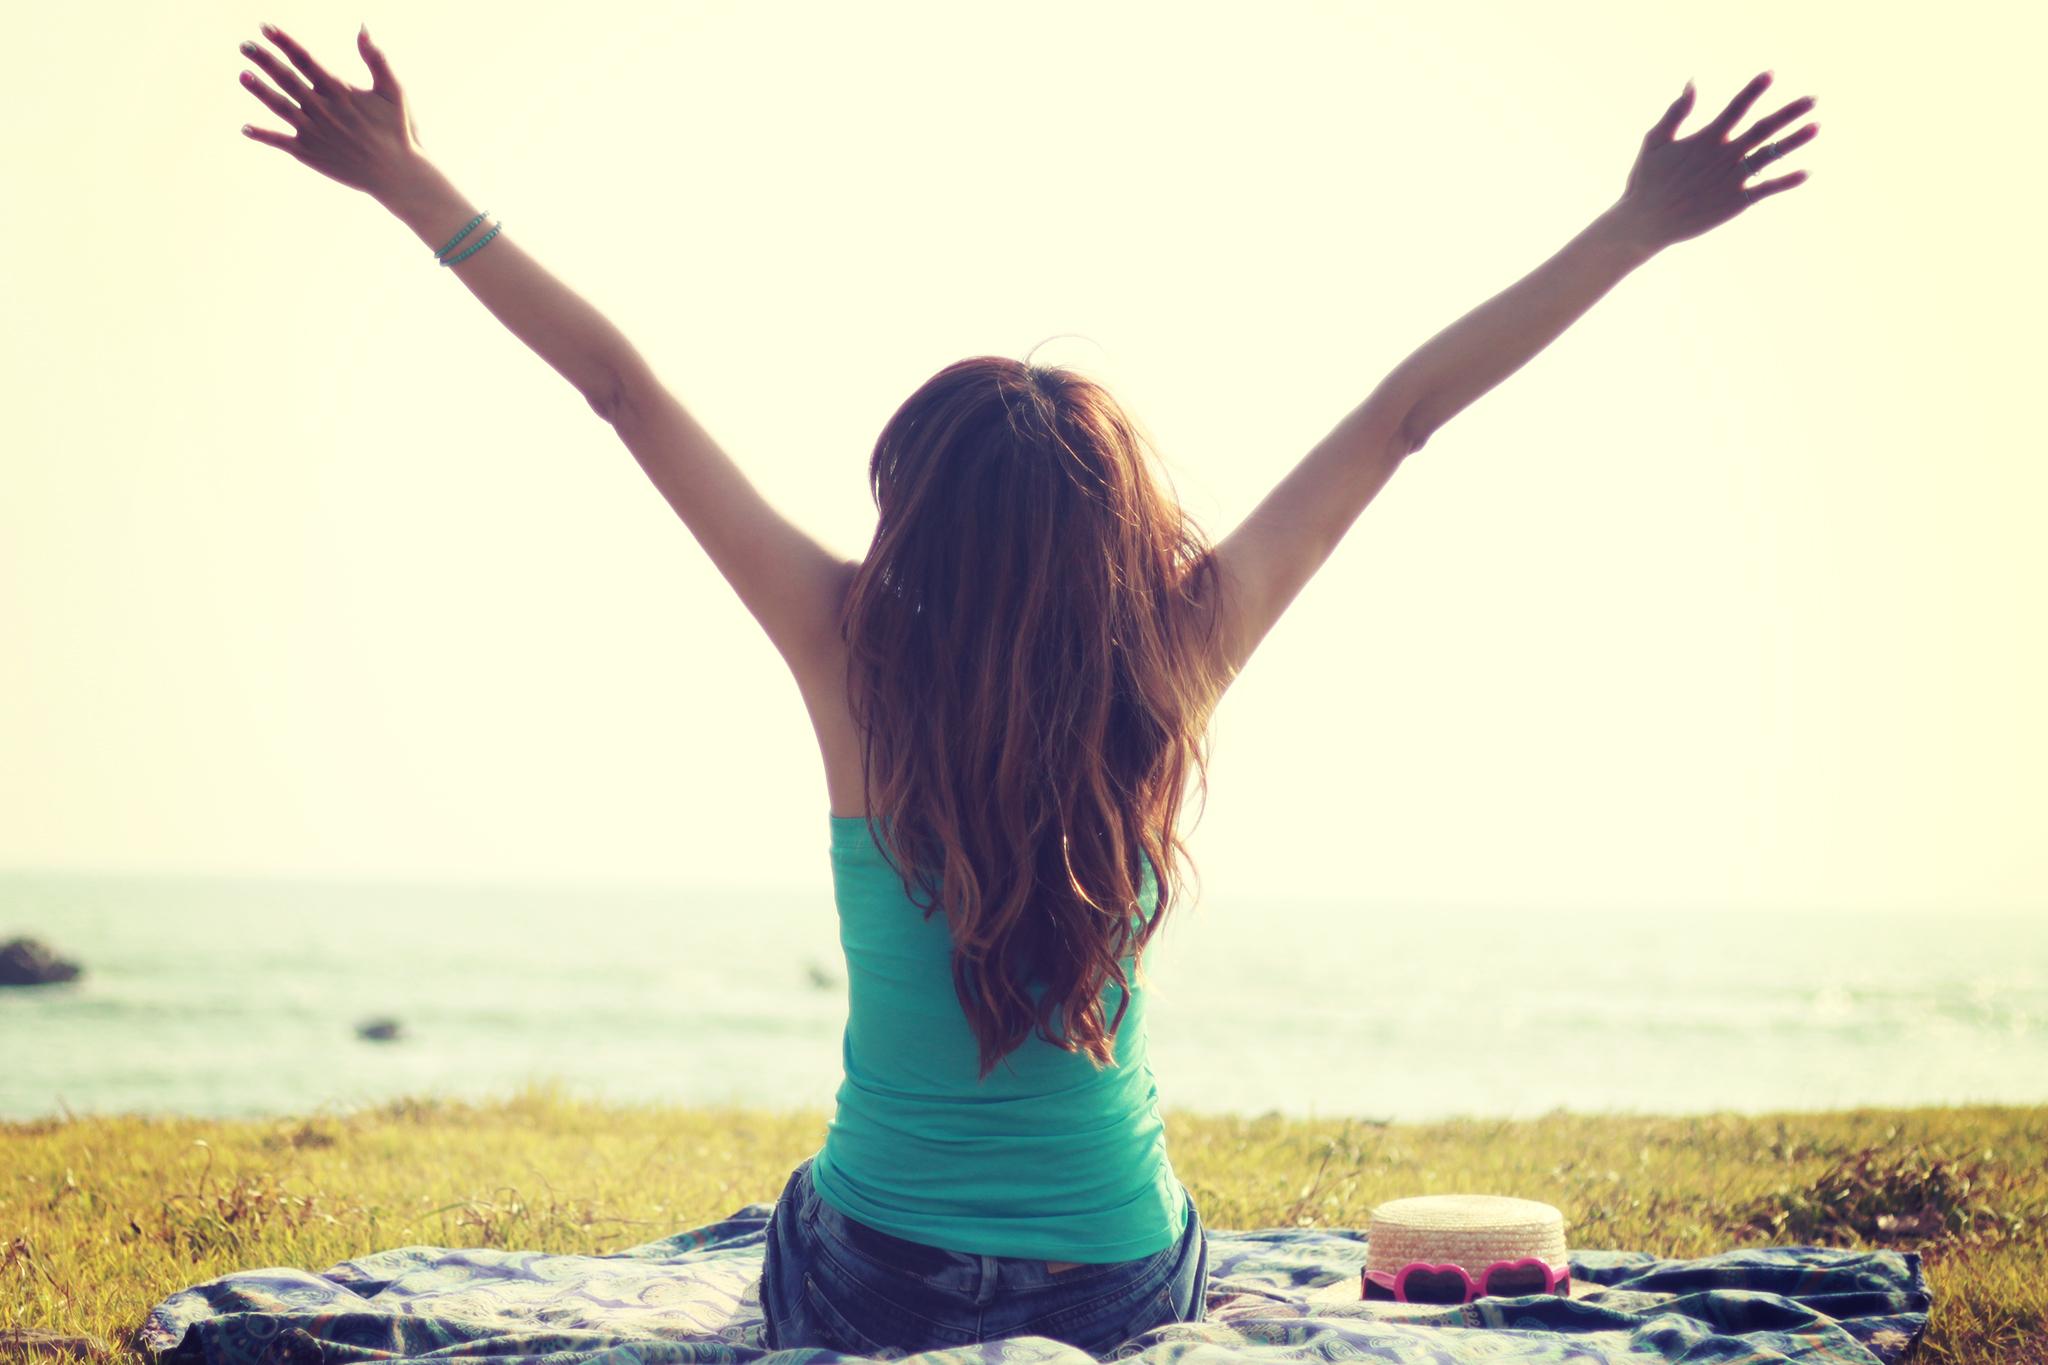 海の見える丘でストレッチをする女の子のフリー画像|おしゃれなフリー写真素材:GIRLY DROP